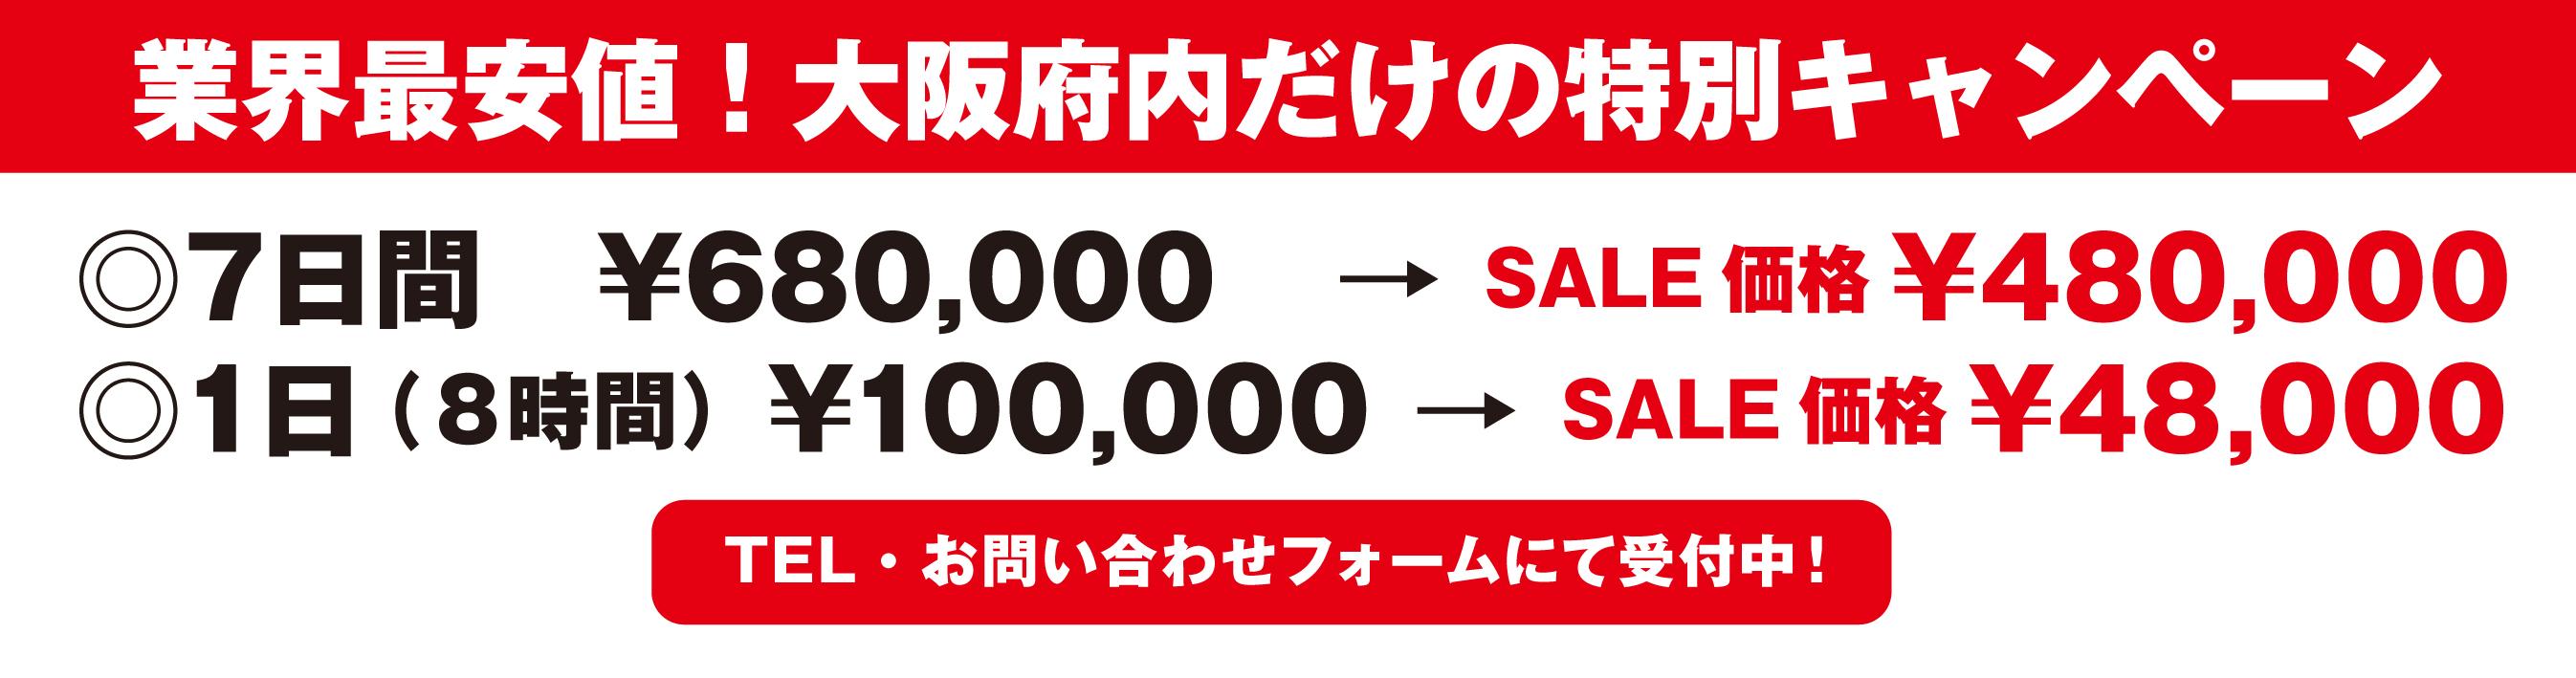 業界最安値!大阪府内だけの特別キャンペーン